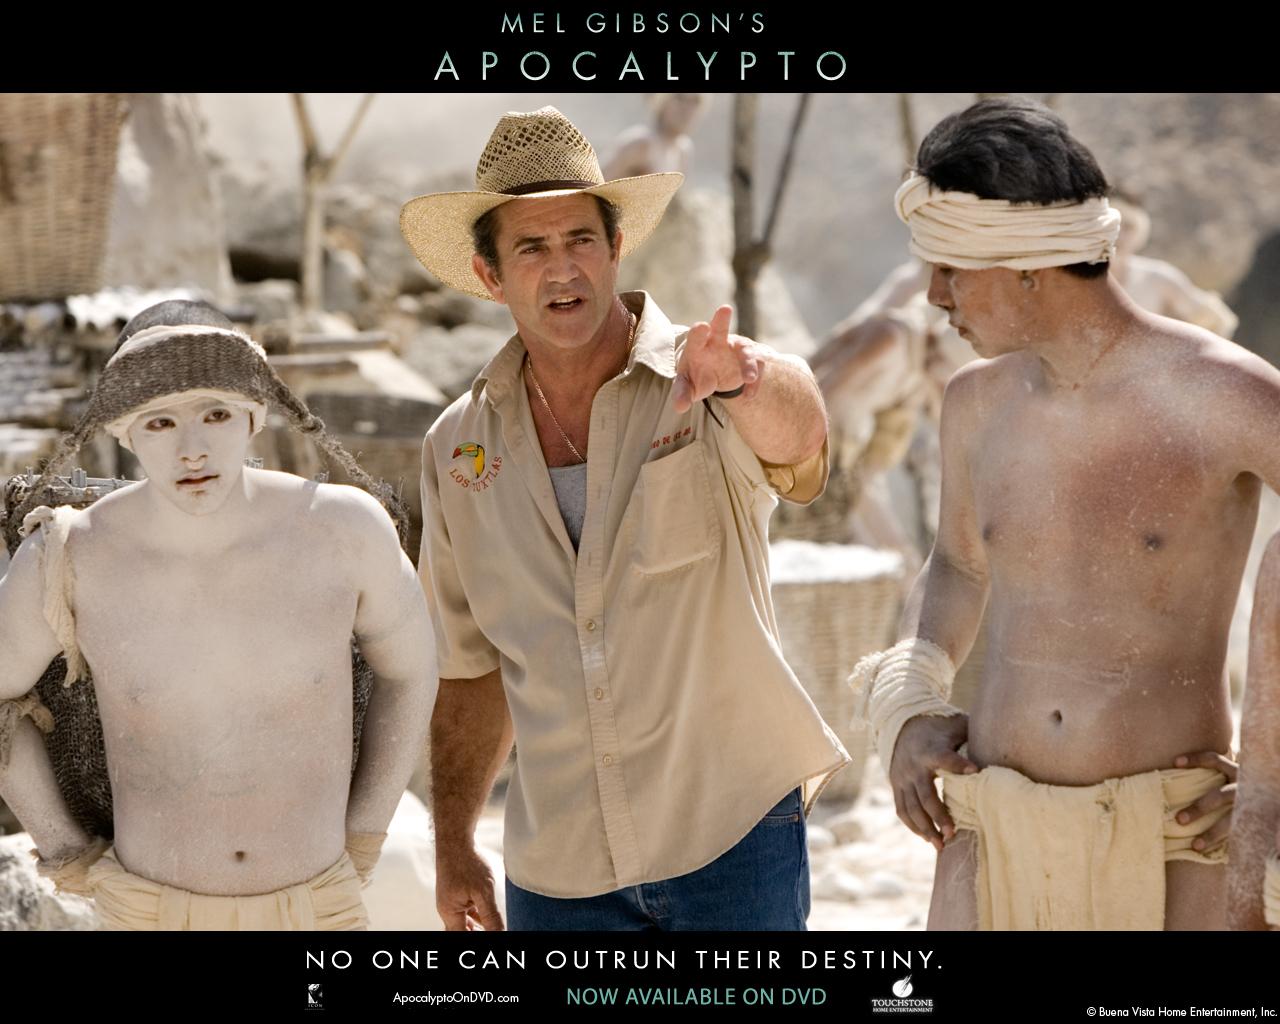 Mel Gibson Apocalypto Mel Gibson 39 s Apocalypto